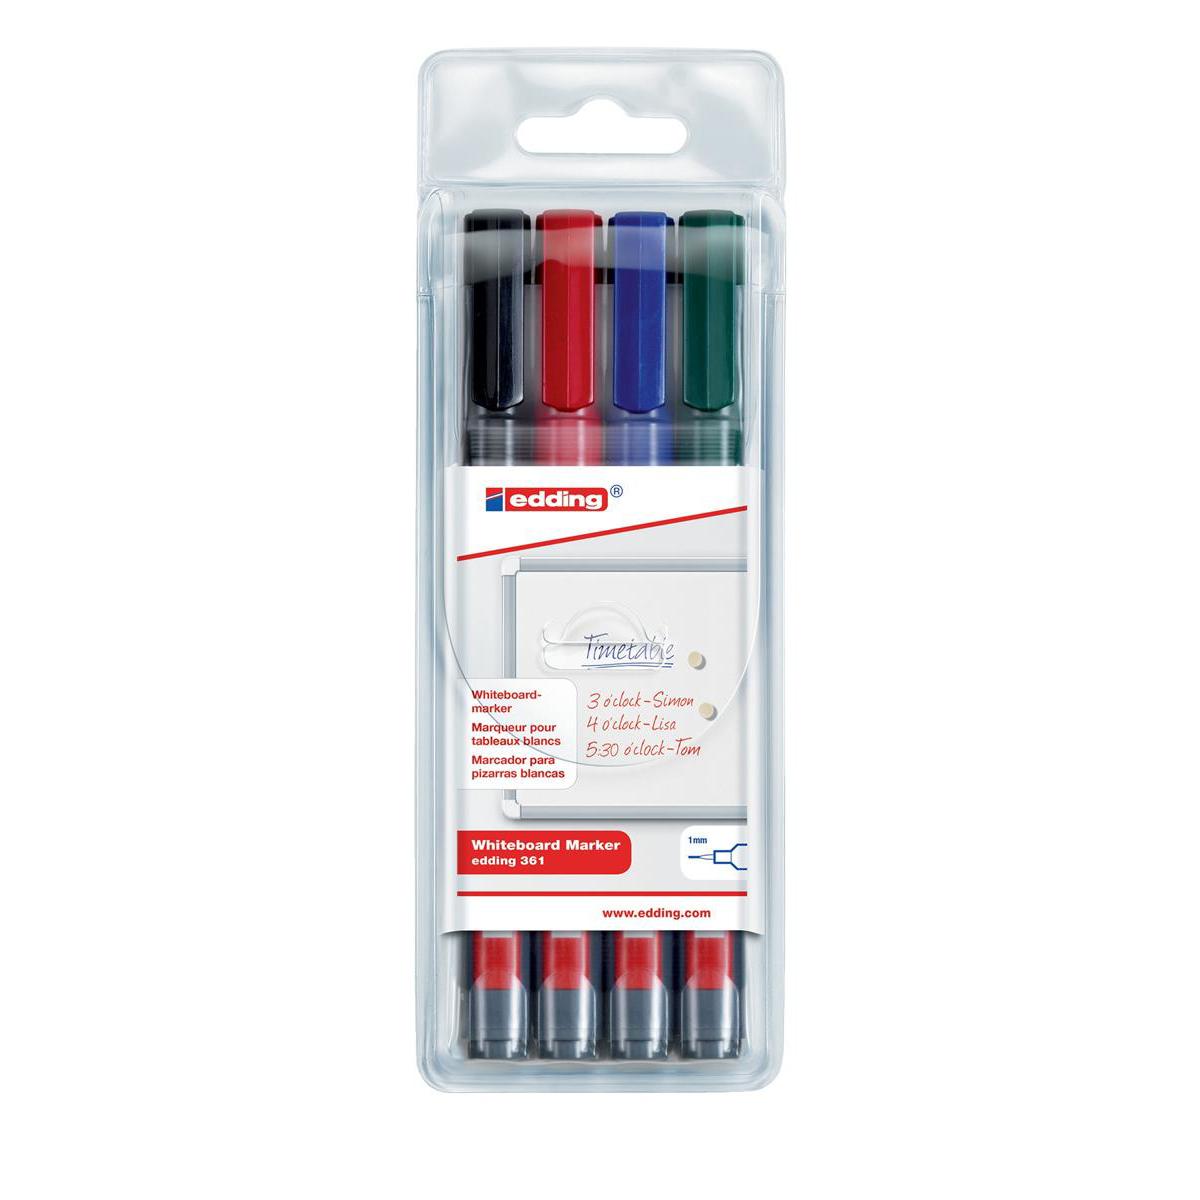 Edding 361/4S Whiteboard Marker Bullet Tip 1mm Line Assorted Ref 4-361-4 [Pack 4]